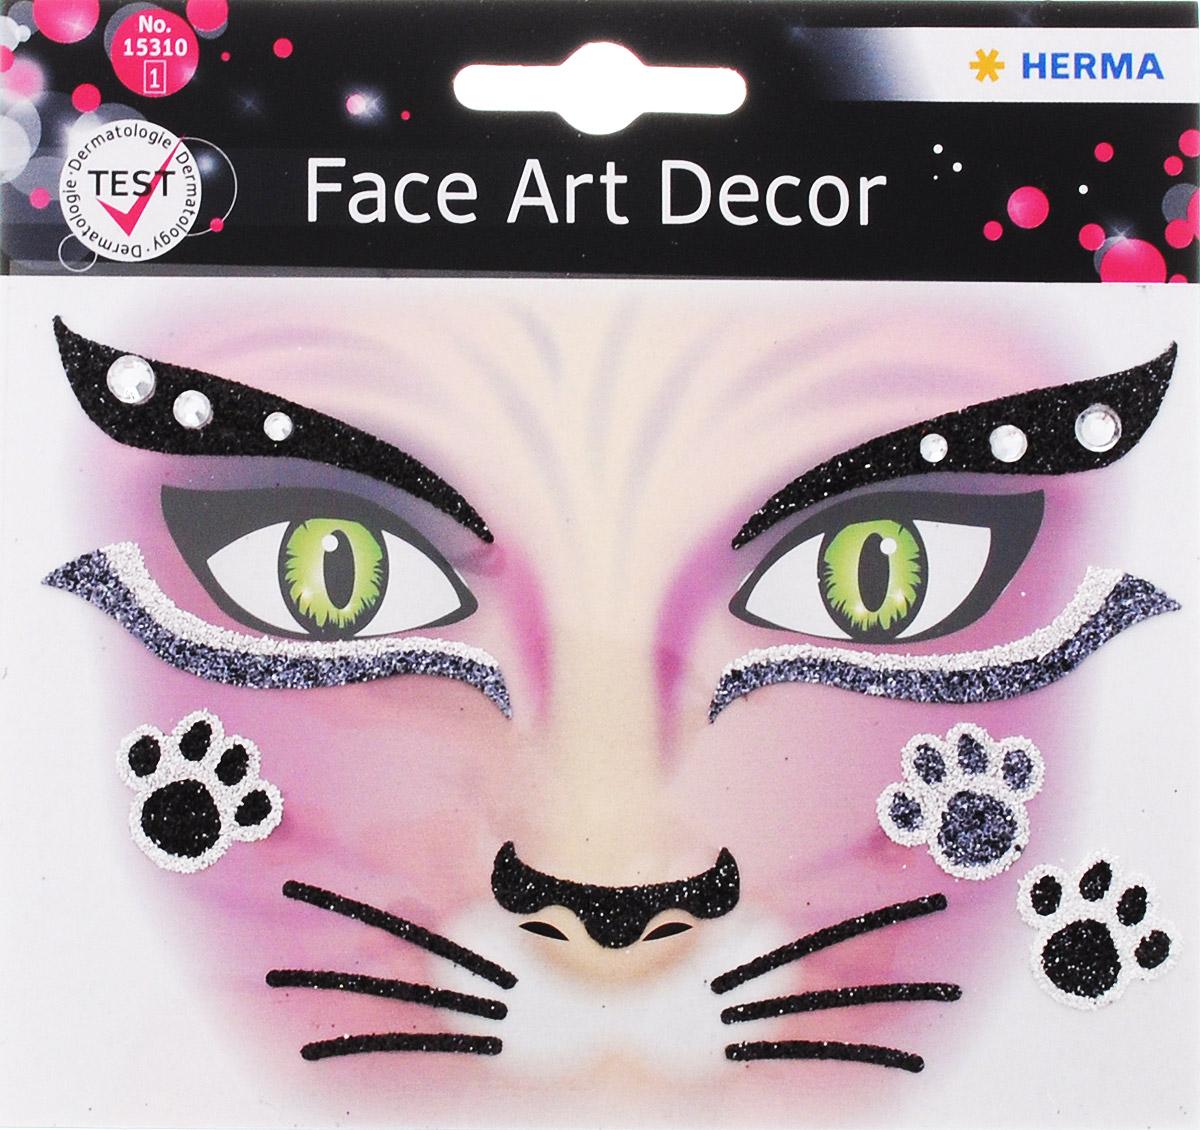 Herma Наклейки на лицо Face Art Pink Cat15310